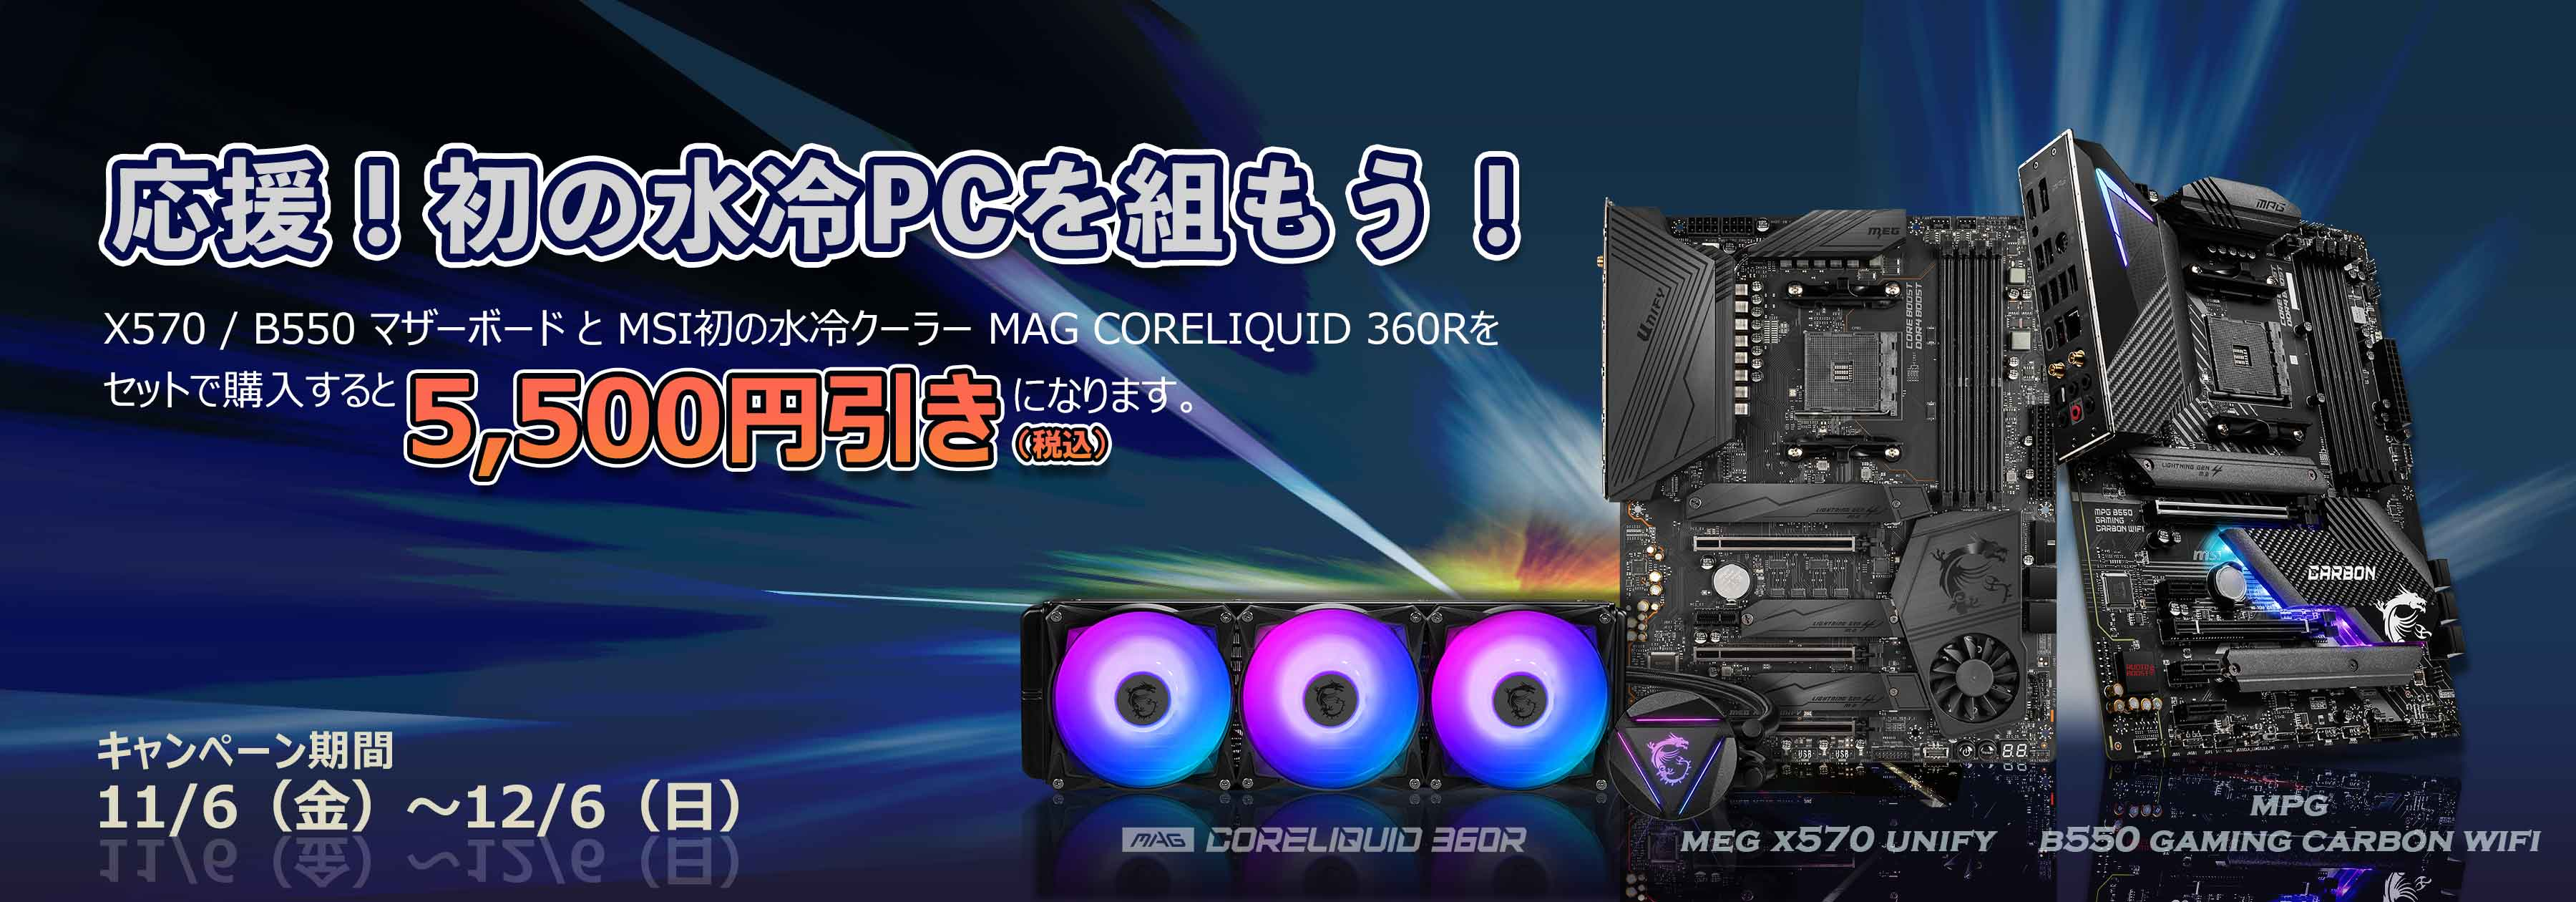 MSI X570もしくはMSI B550マザーボードと水冷クーラーなどの対象製品を同時購入で、会計が5,500円引きに!MSI、「応援!初の水冷PCを組もう!キャンペーン」開催